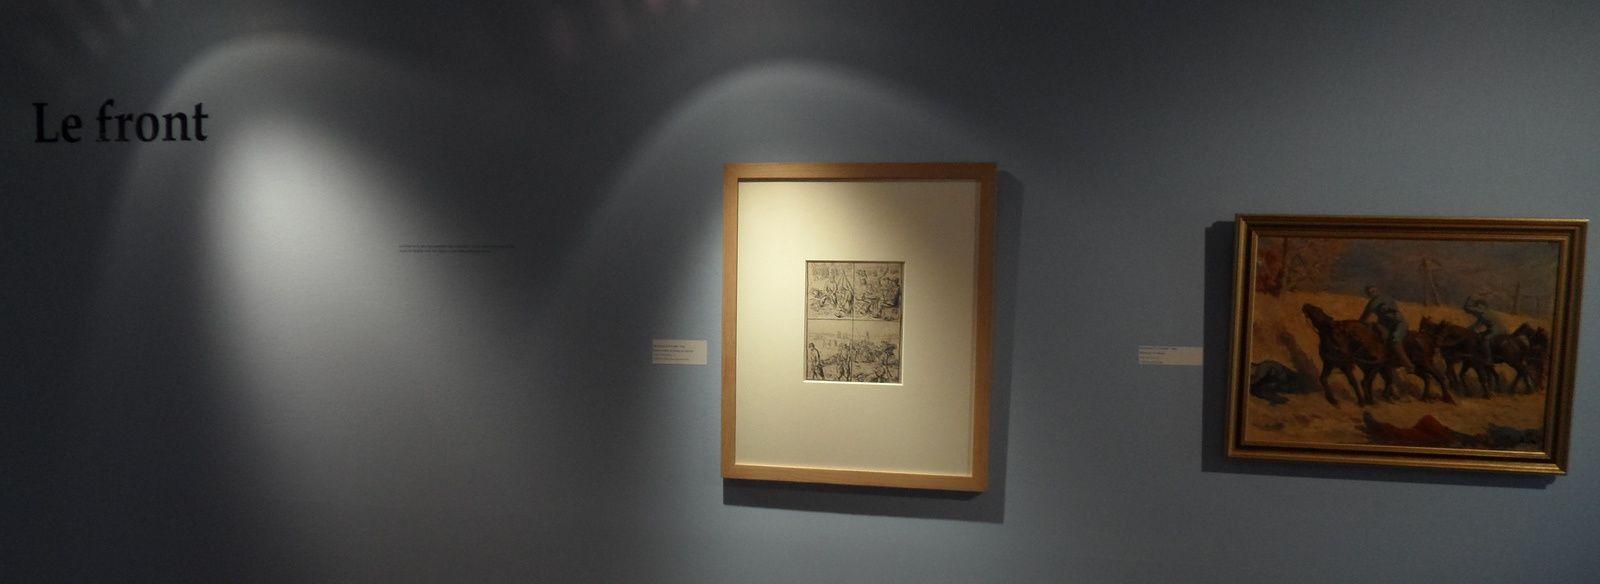 Exposition Maximilien Luce